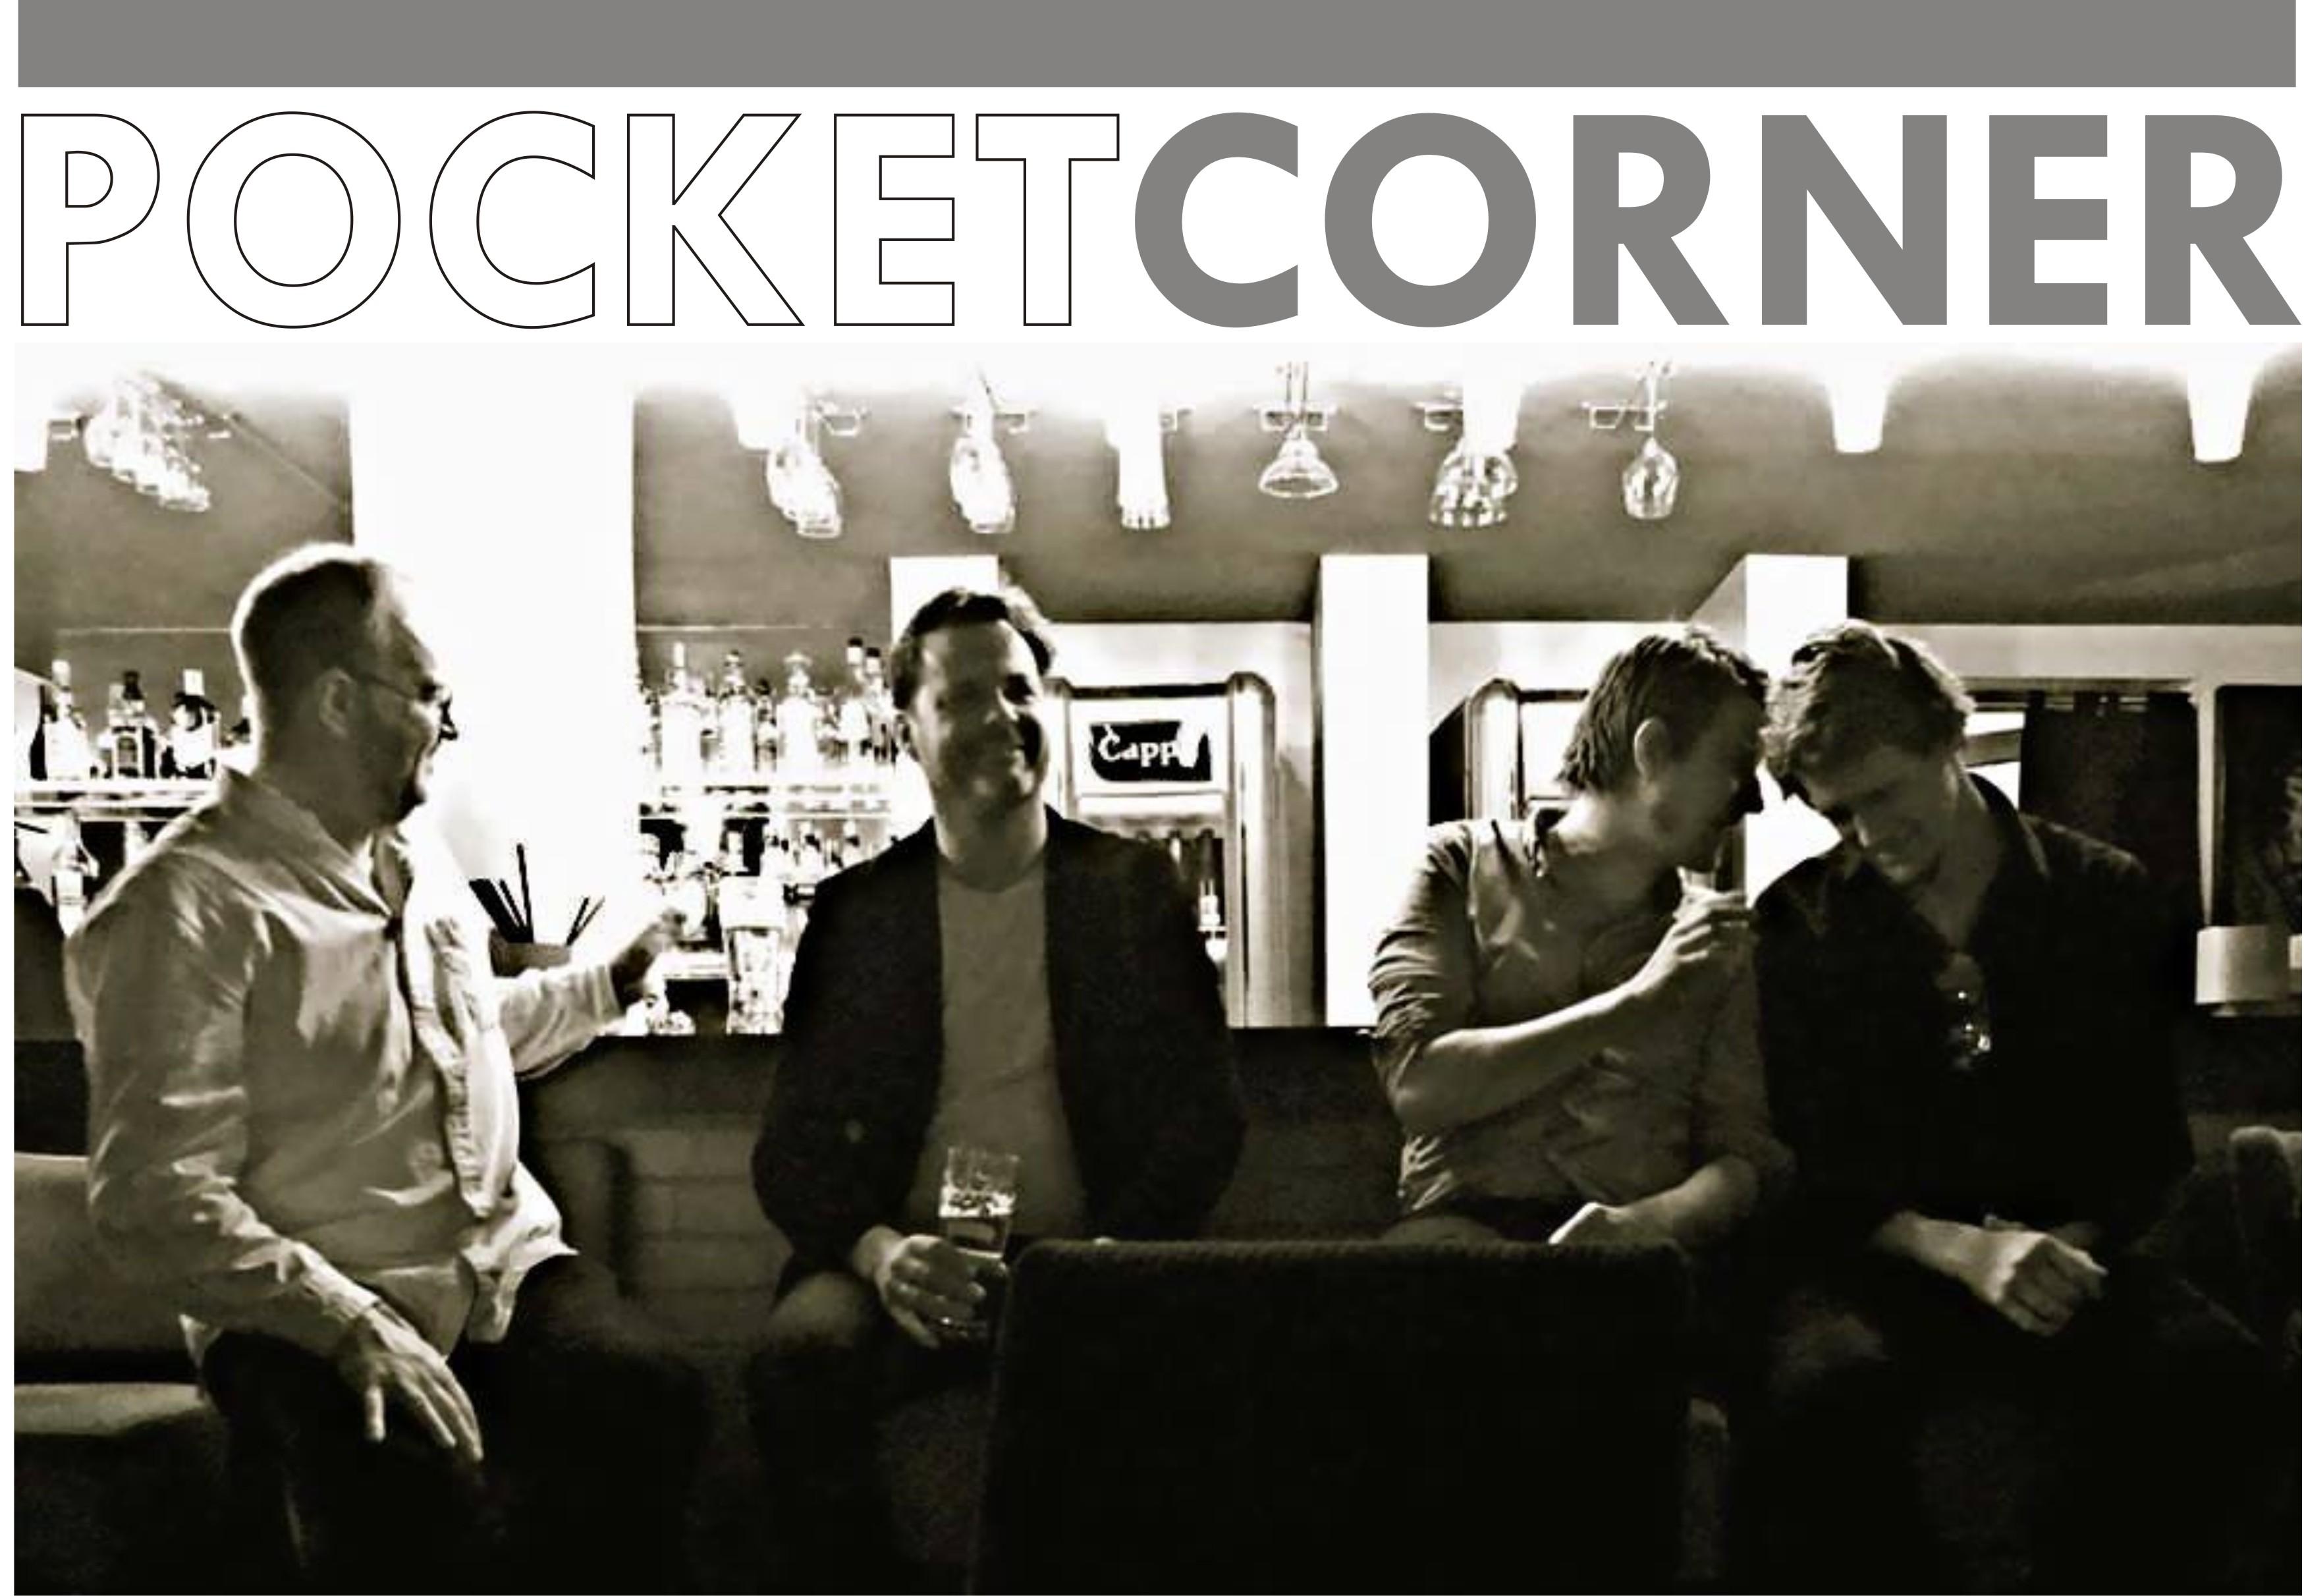 Suspendida la gira de Pocket Corner por España